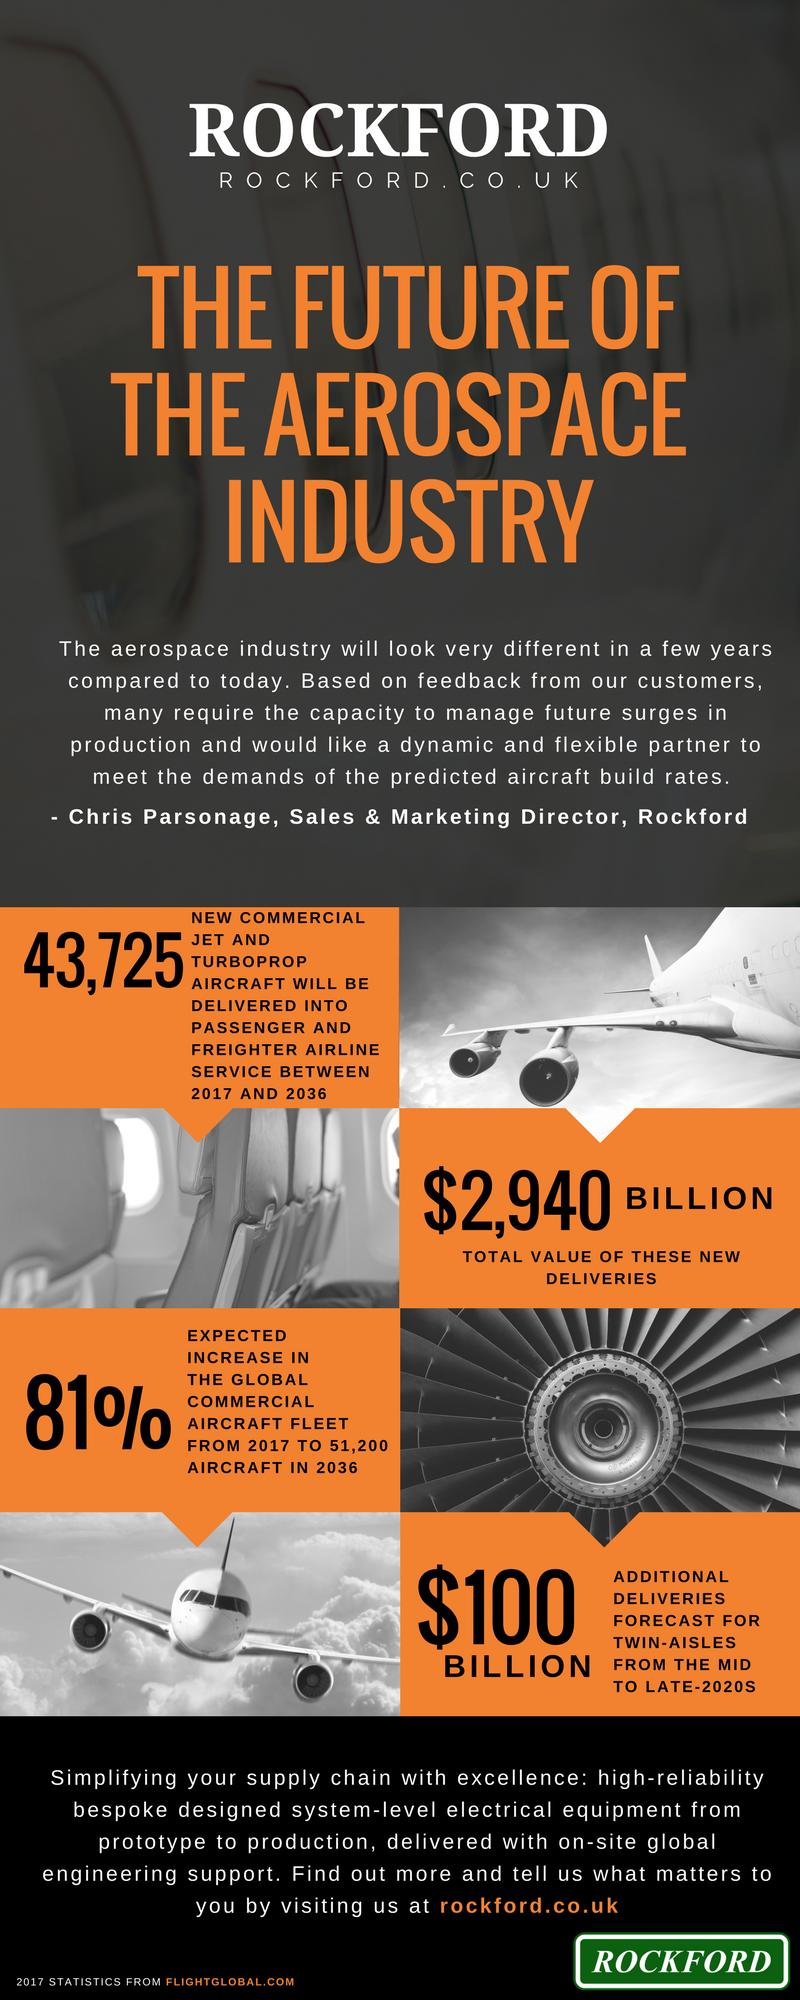 Brochures | Marketing, Flyers, Infographics, Case Studies